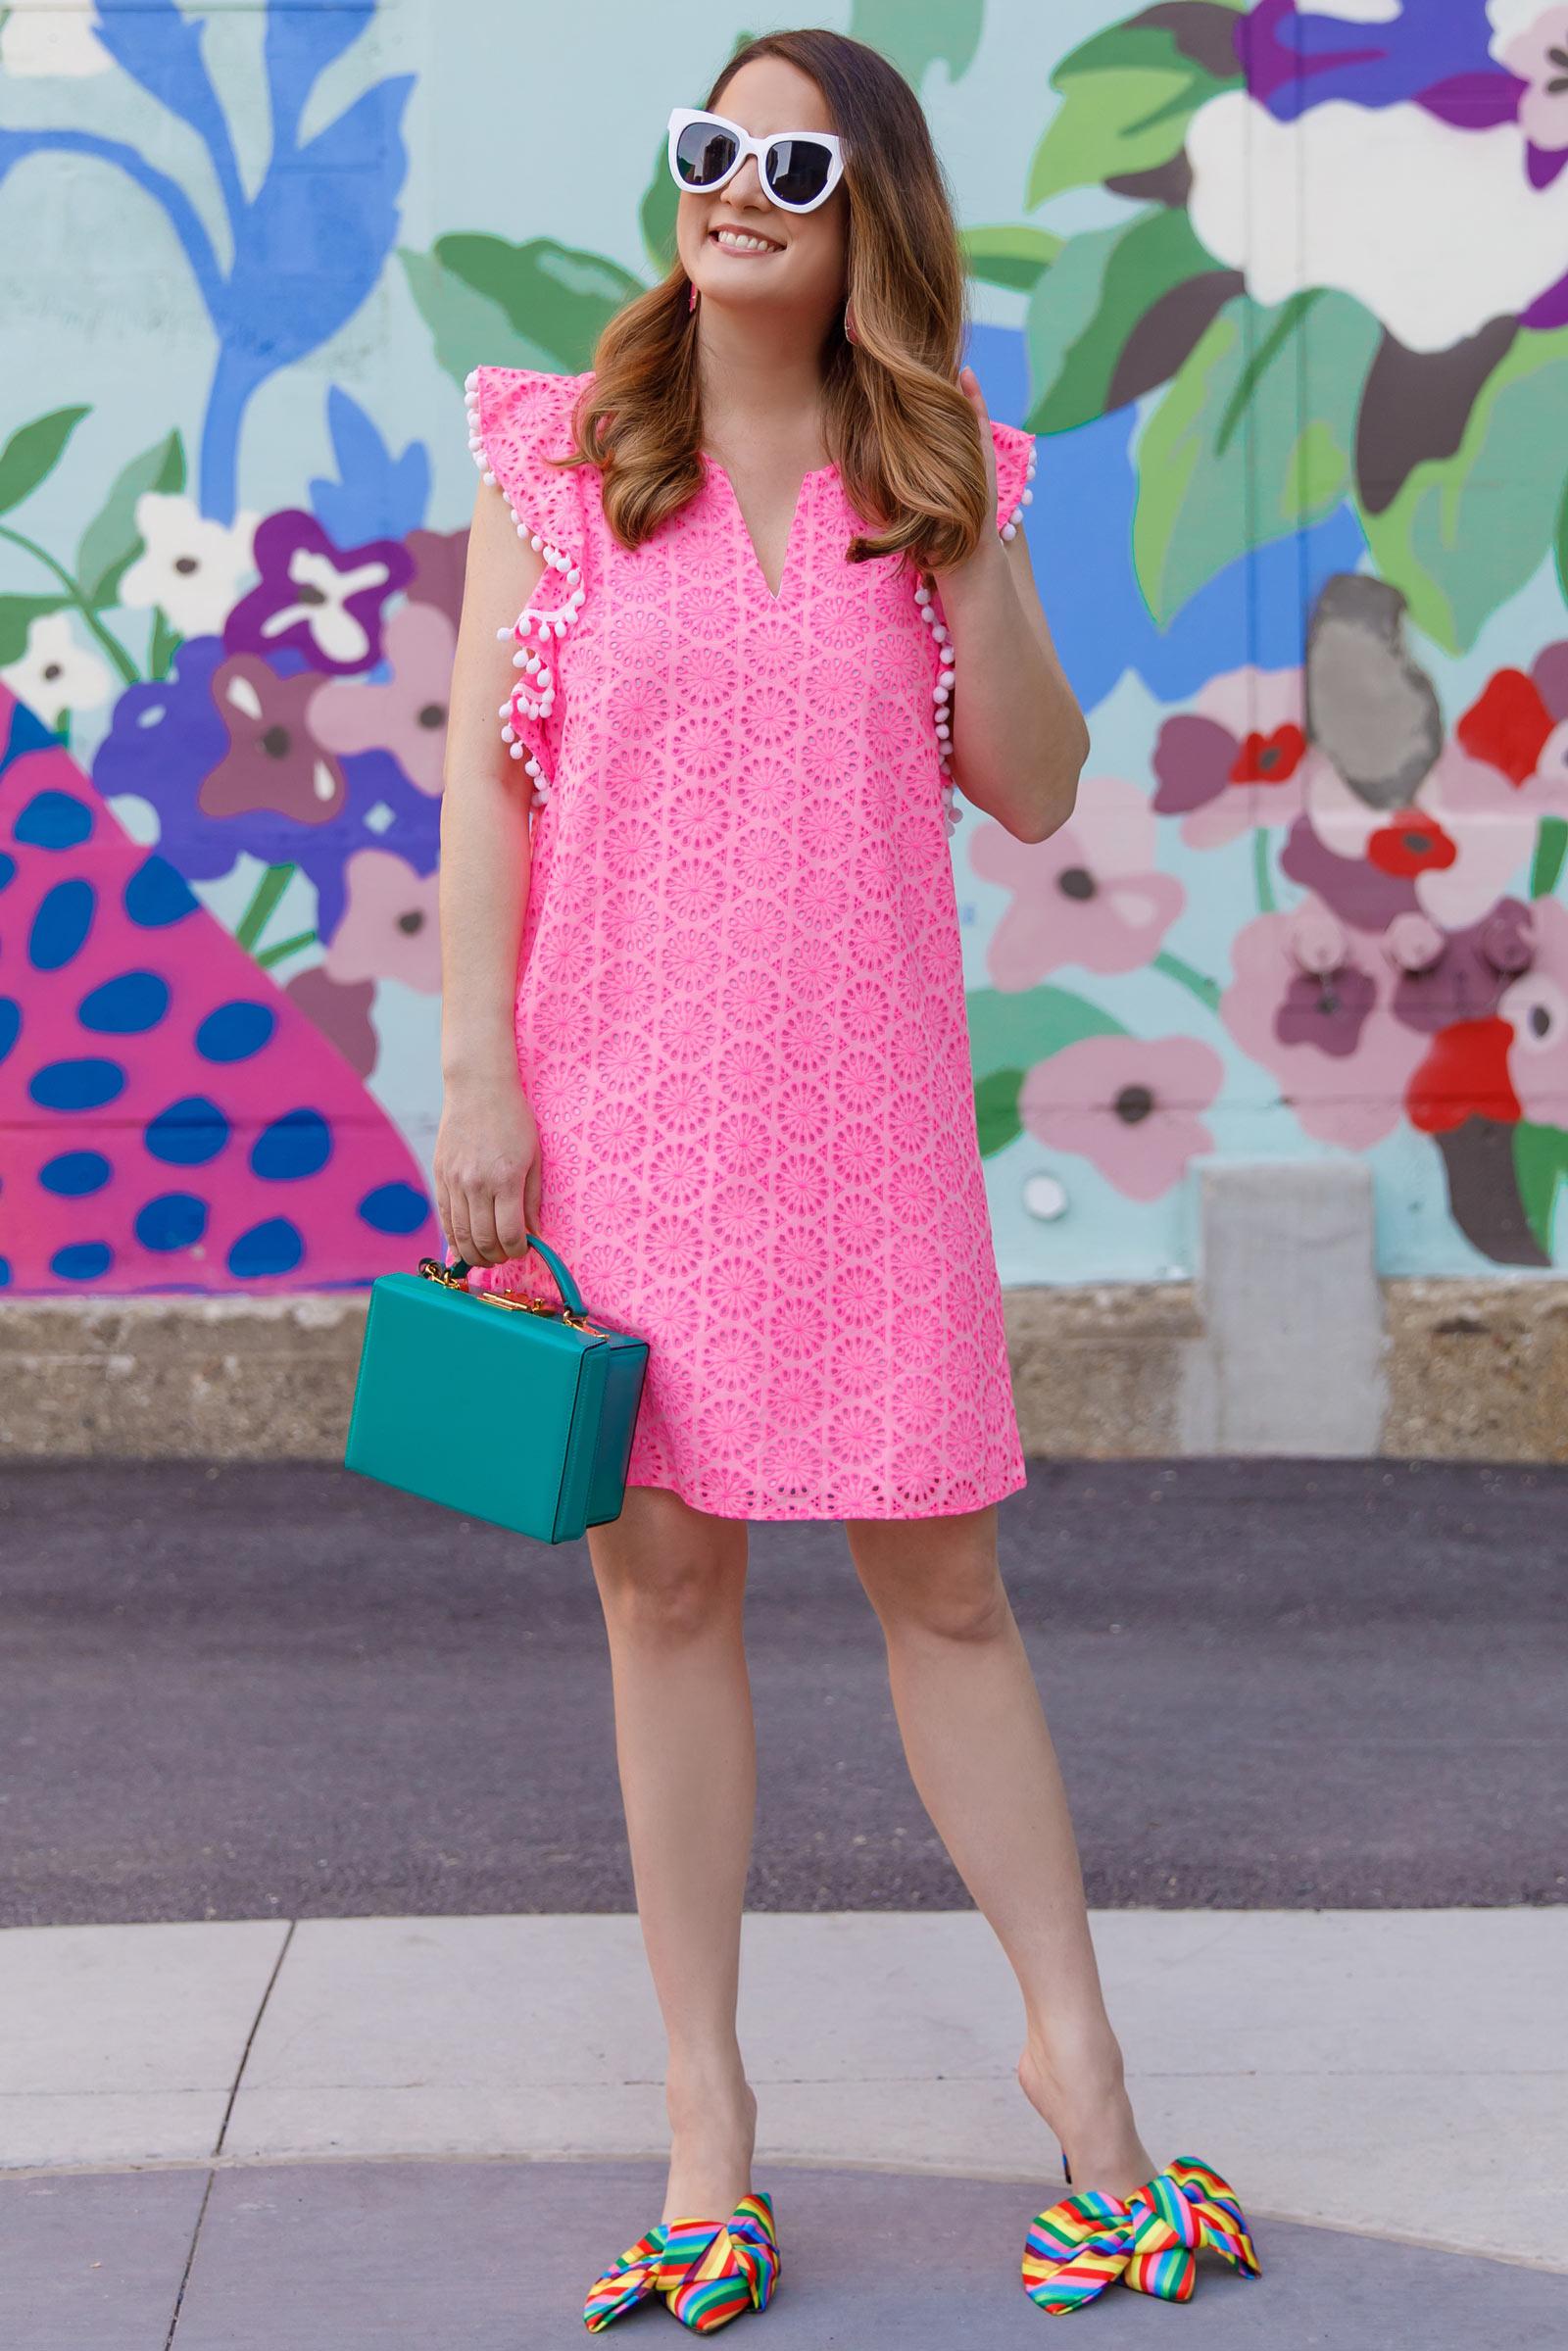 Jennifer Lake Lilly Pulitzer Astara Dress